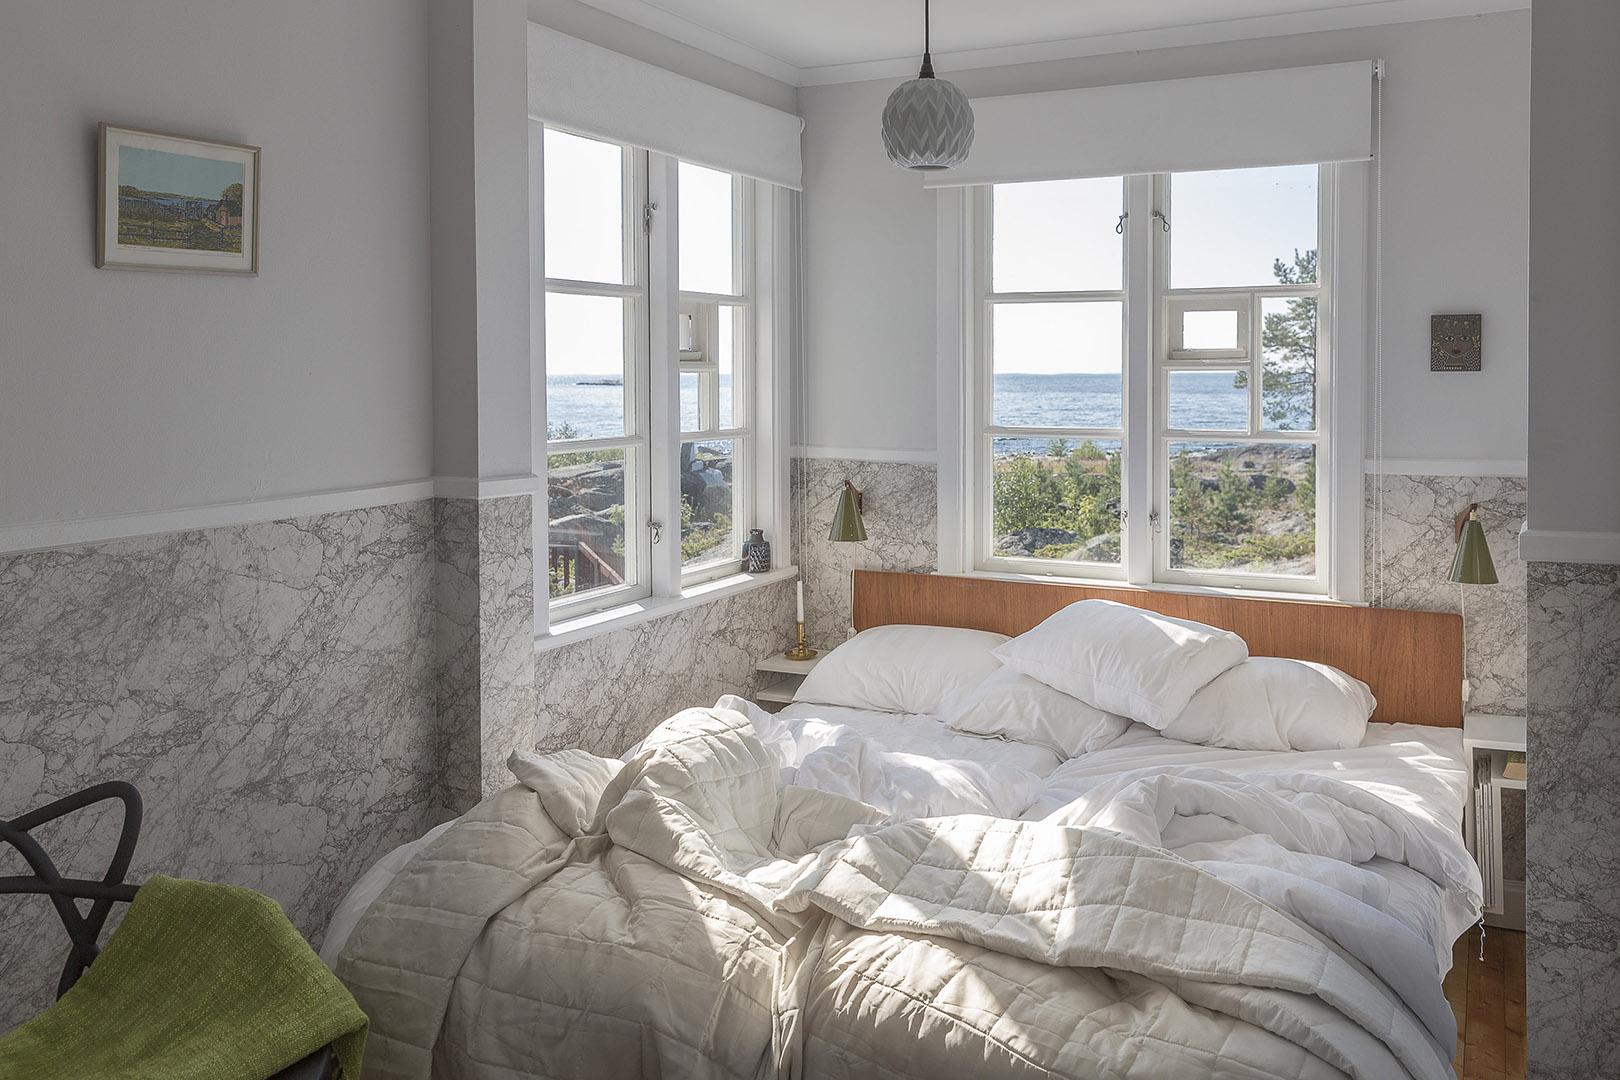 3_Lotshuset_11_bedroom day_Andreas Nilsson